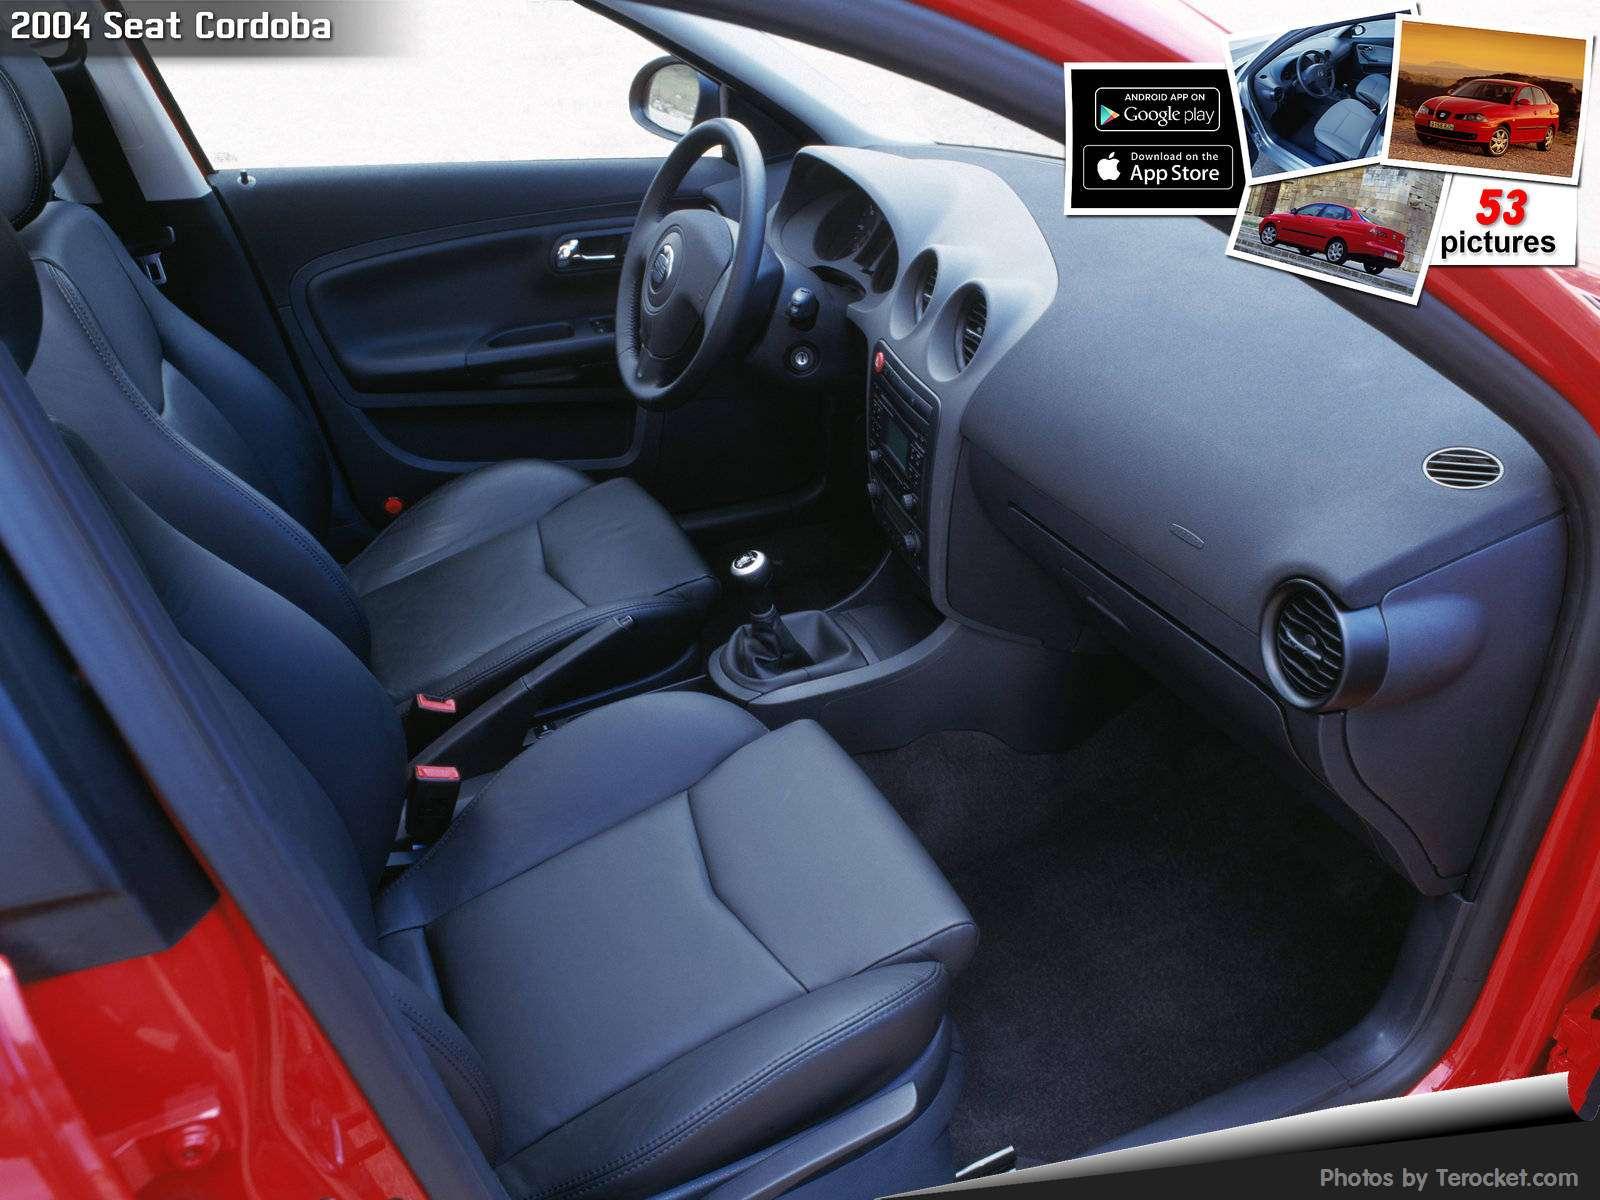 Hình ảnh xe ô tô Seat Cordoba 2004 & nội ngoại thất